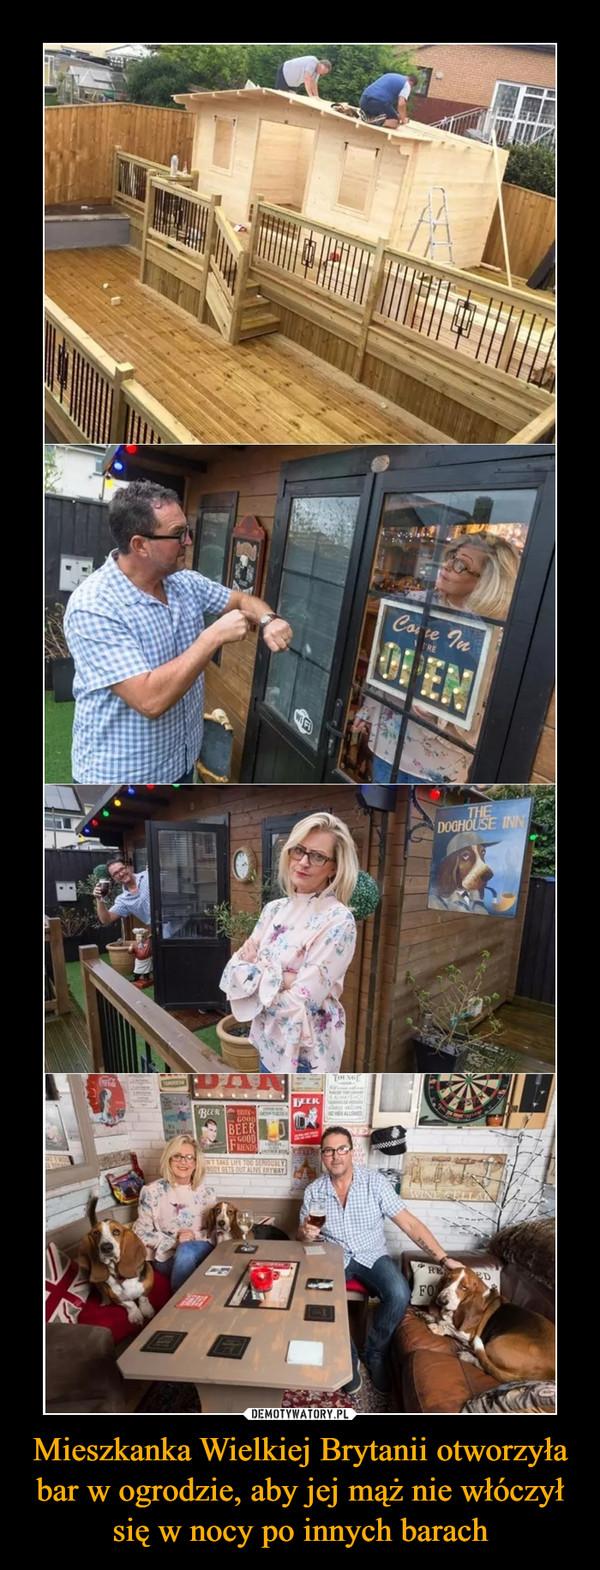 Mieszkanka Wielkiej Brytanii otworzyła bar w ogrodzie, aby jej mąż nie włóczył się w nocy po innych barach –